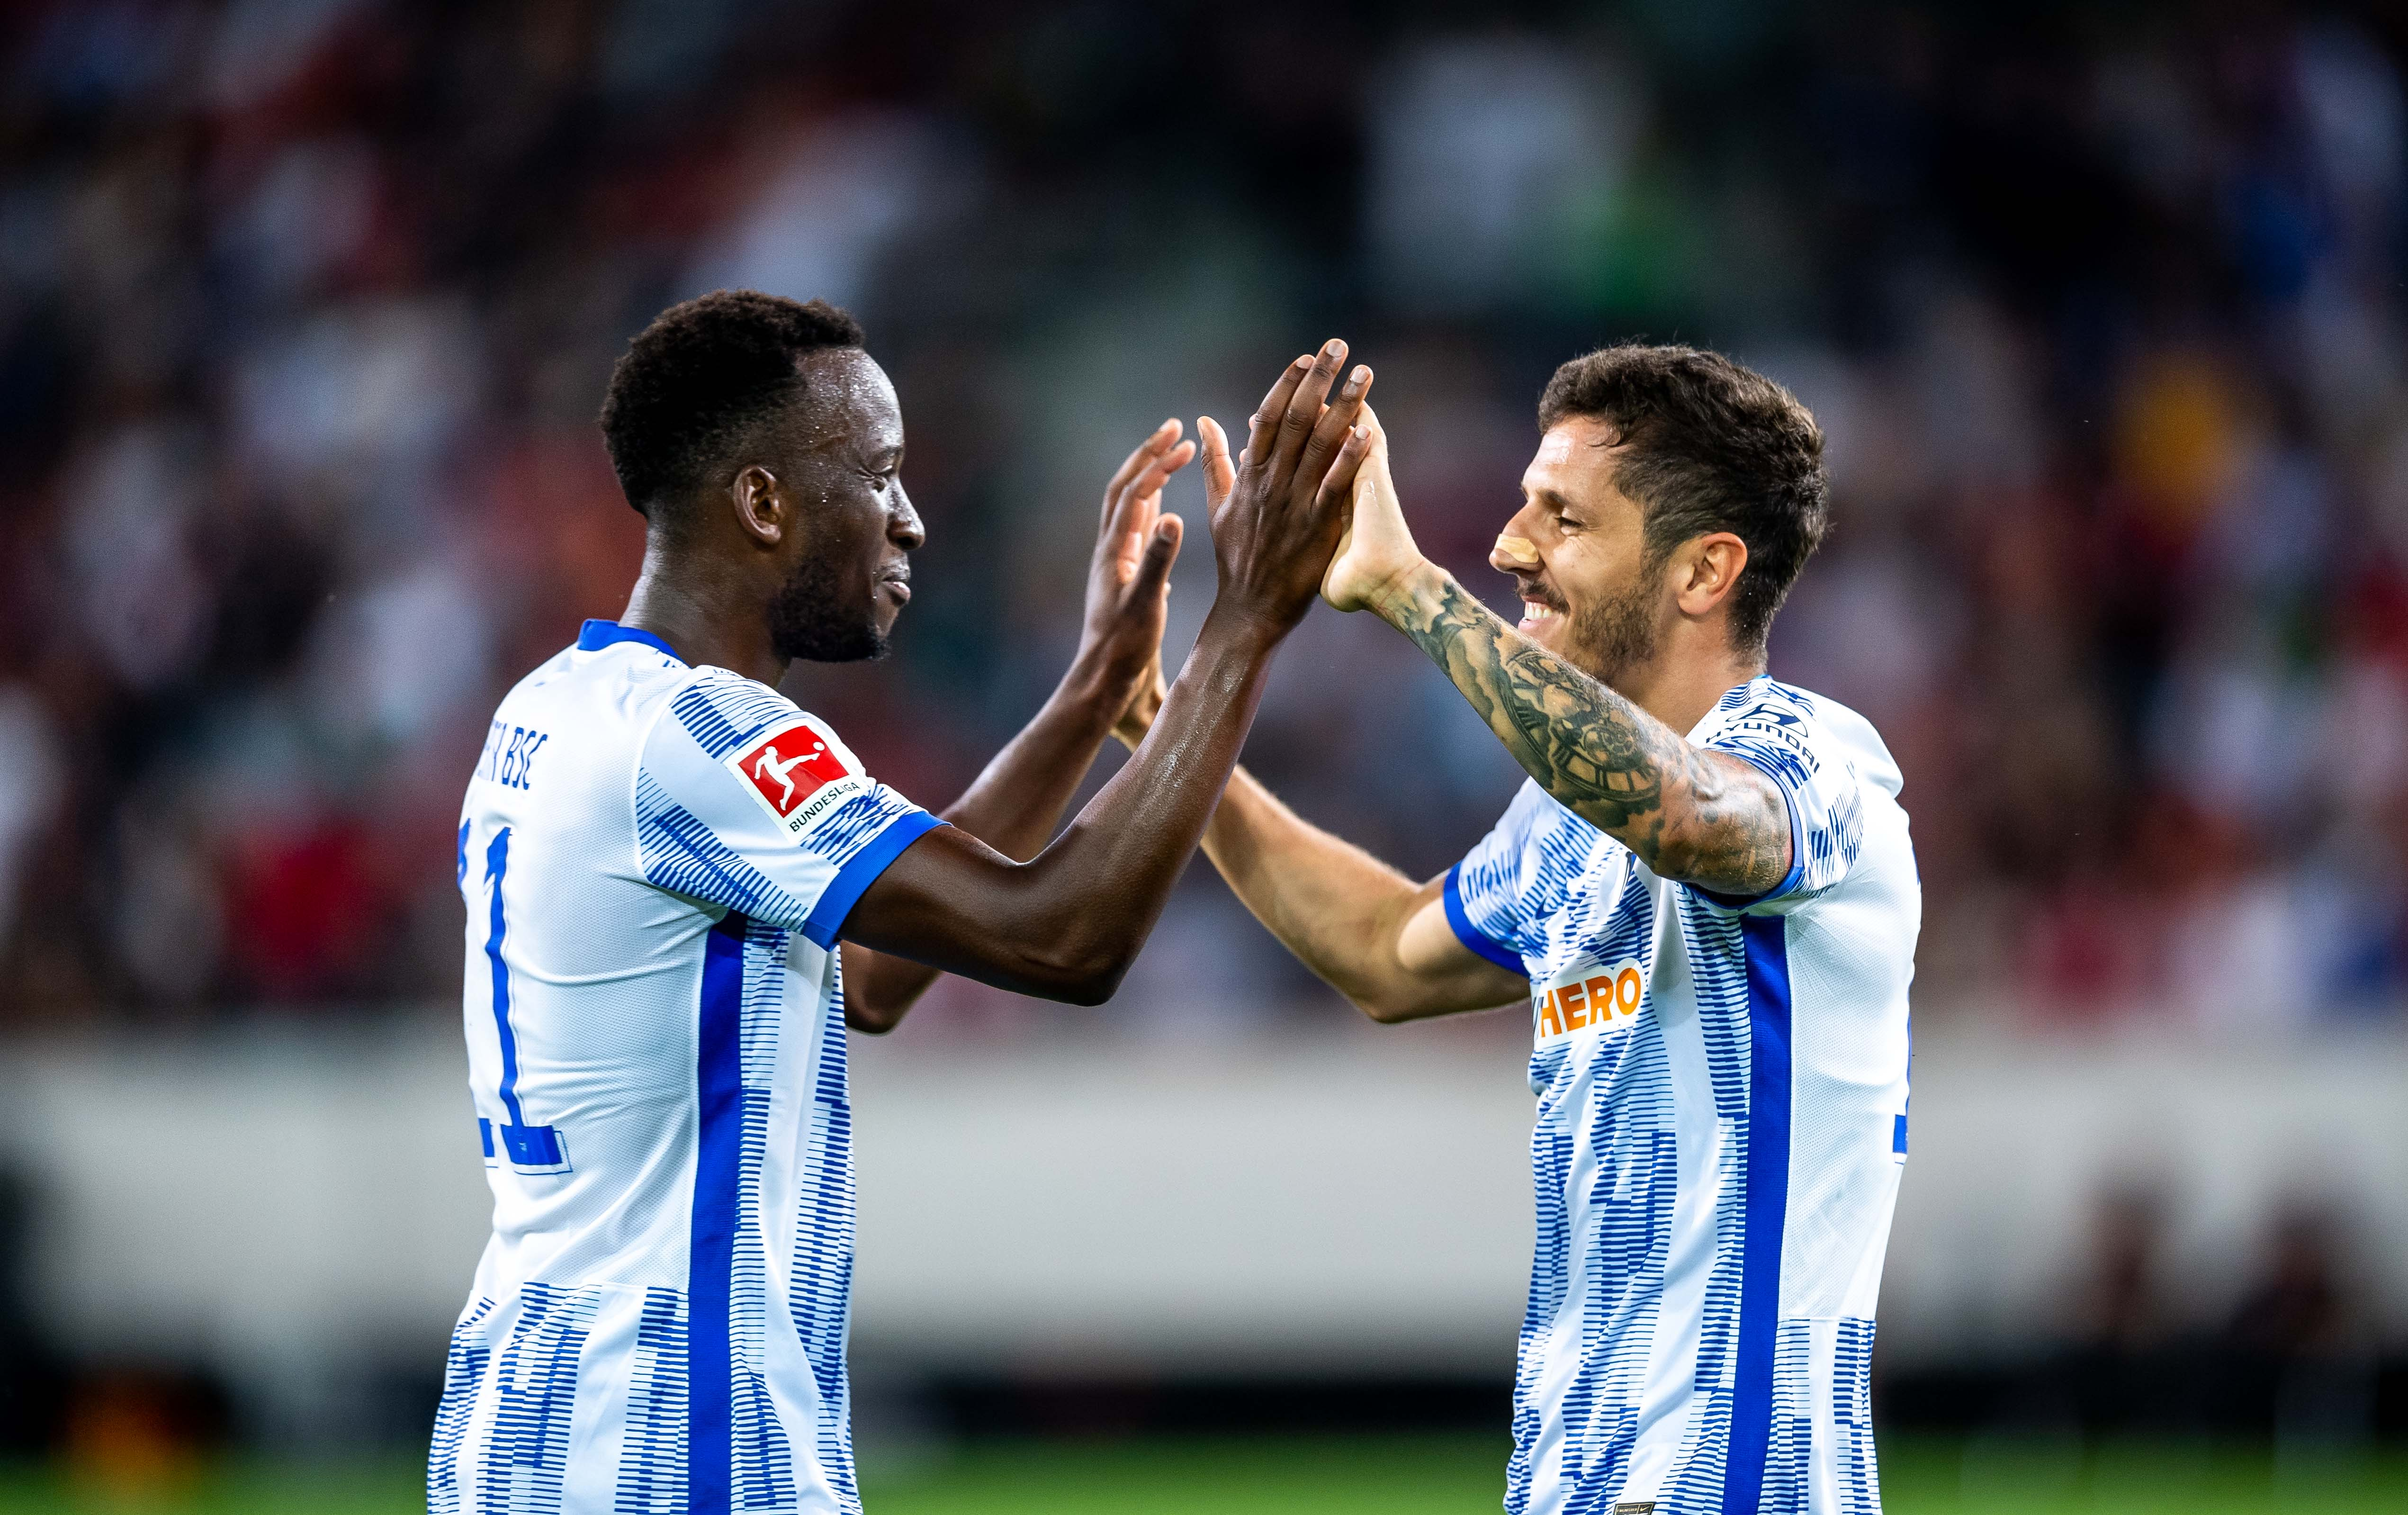 Dodi Lukébakio y Stevan Jovetić celebran un gol.